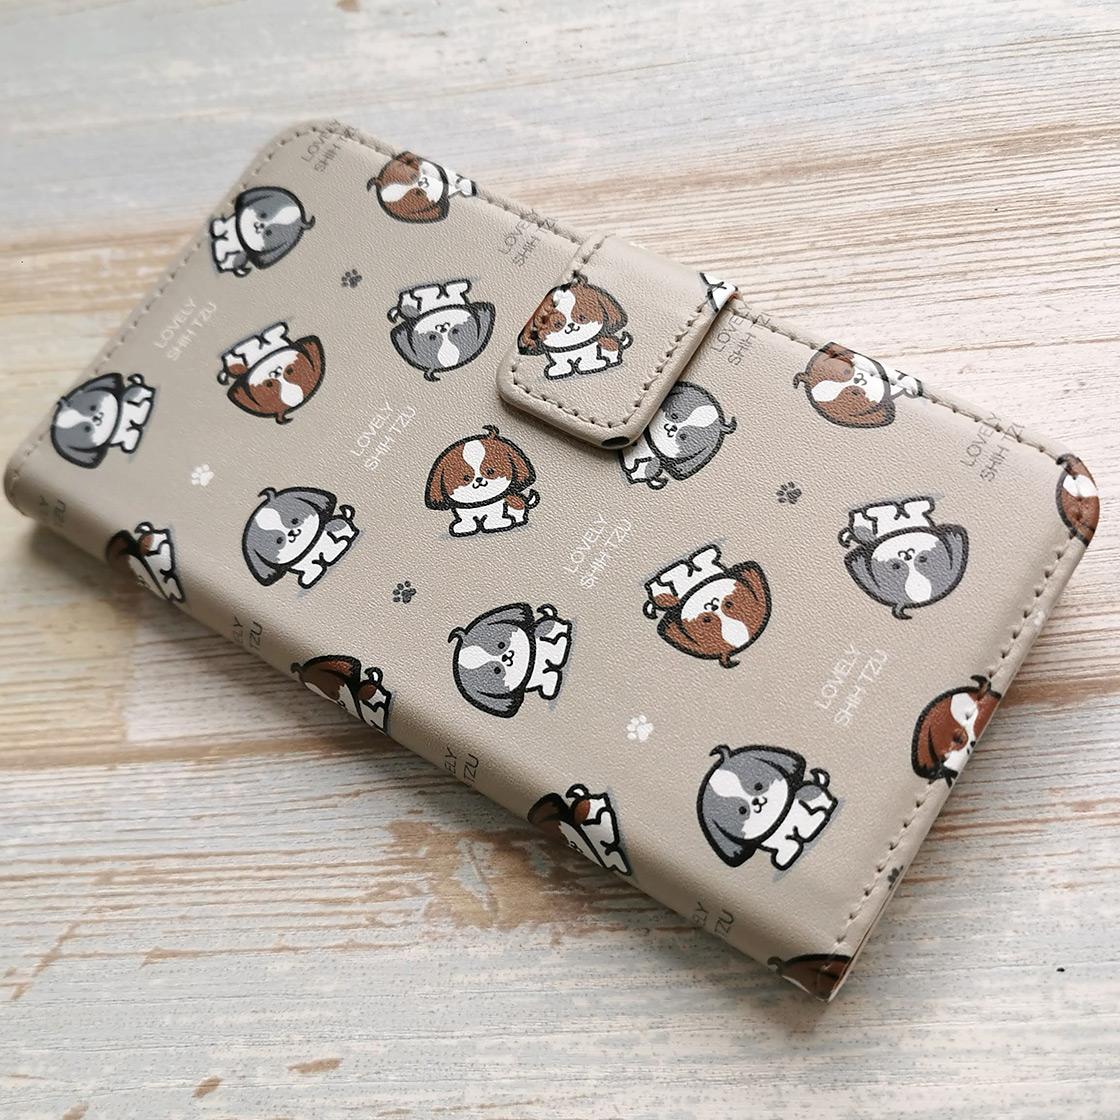 シーズーのイラスト柄 手帳型スマホカバー